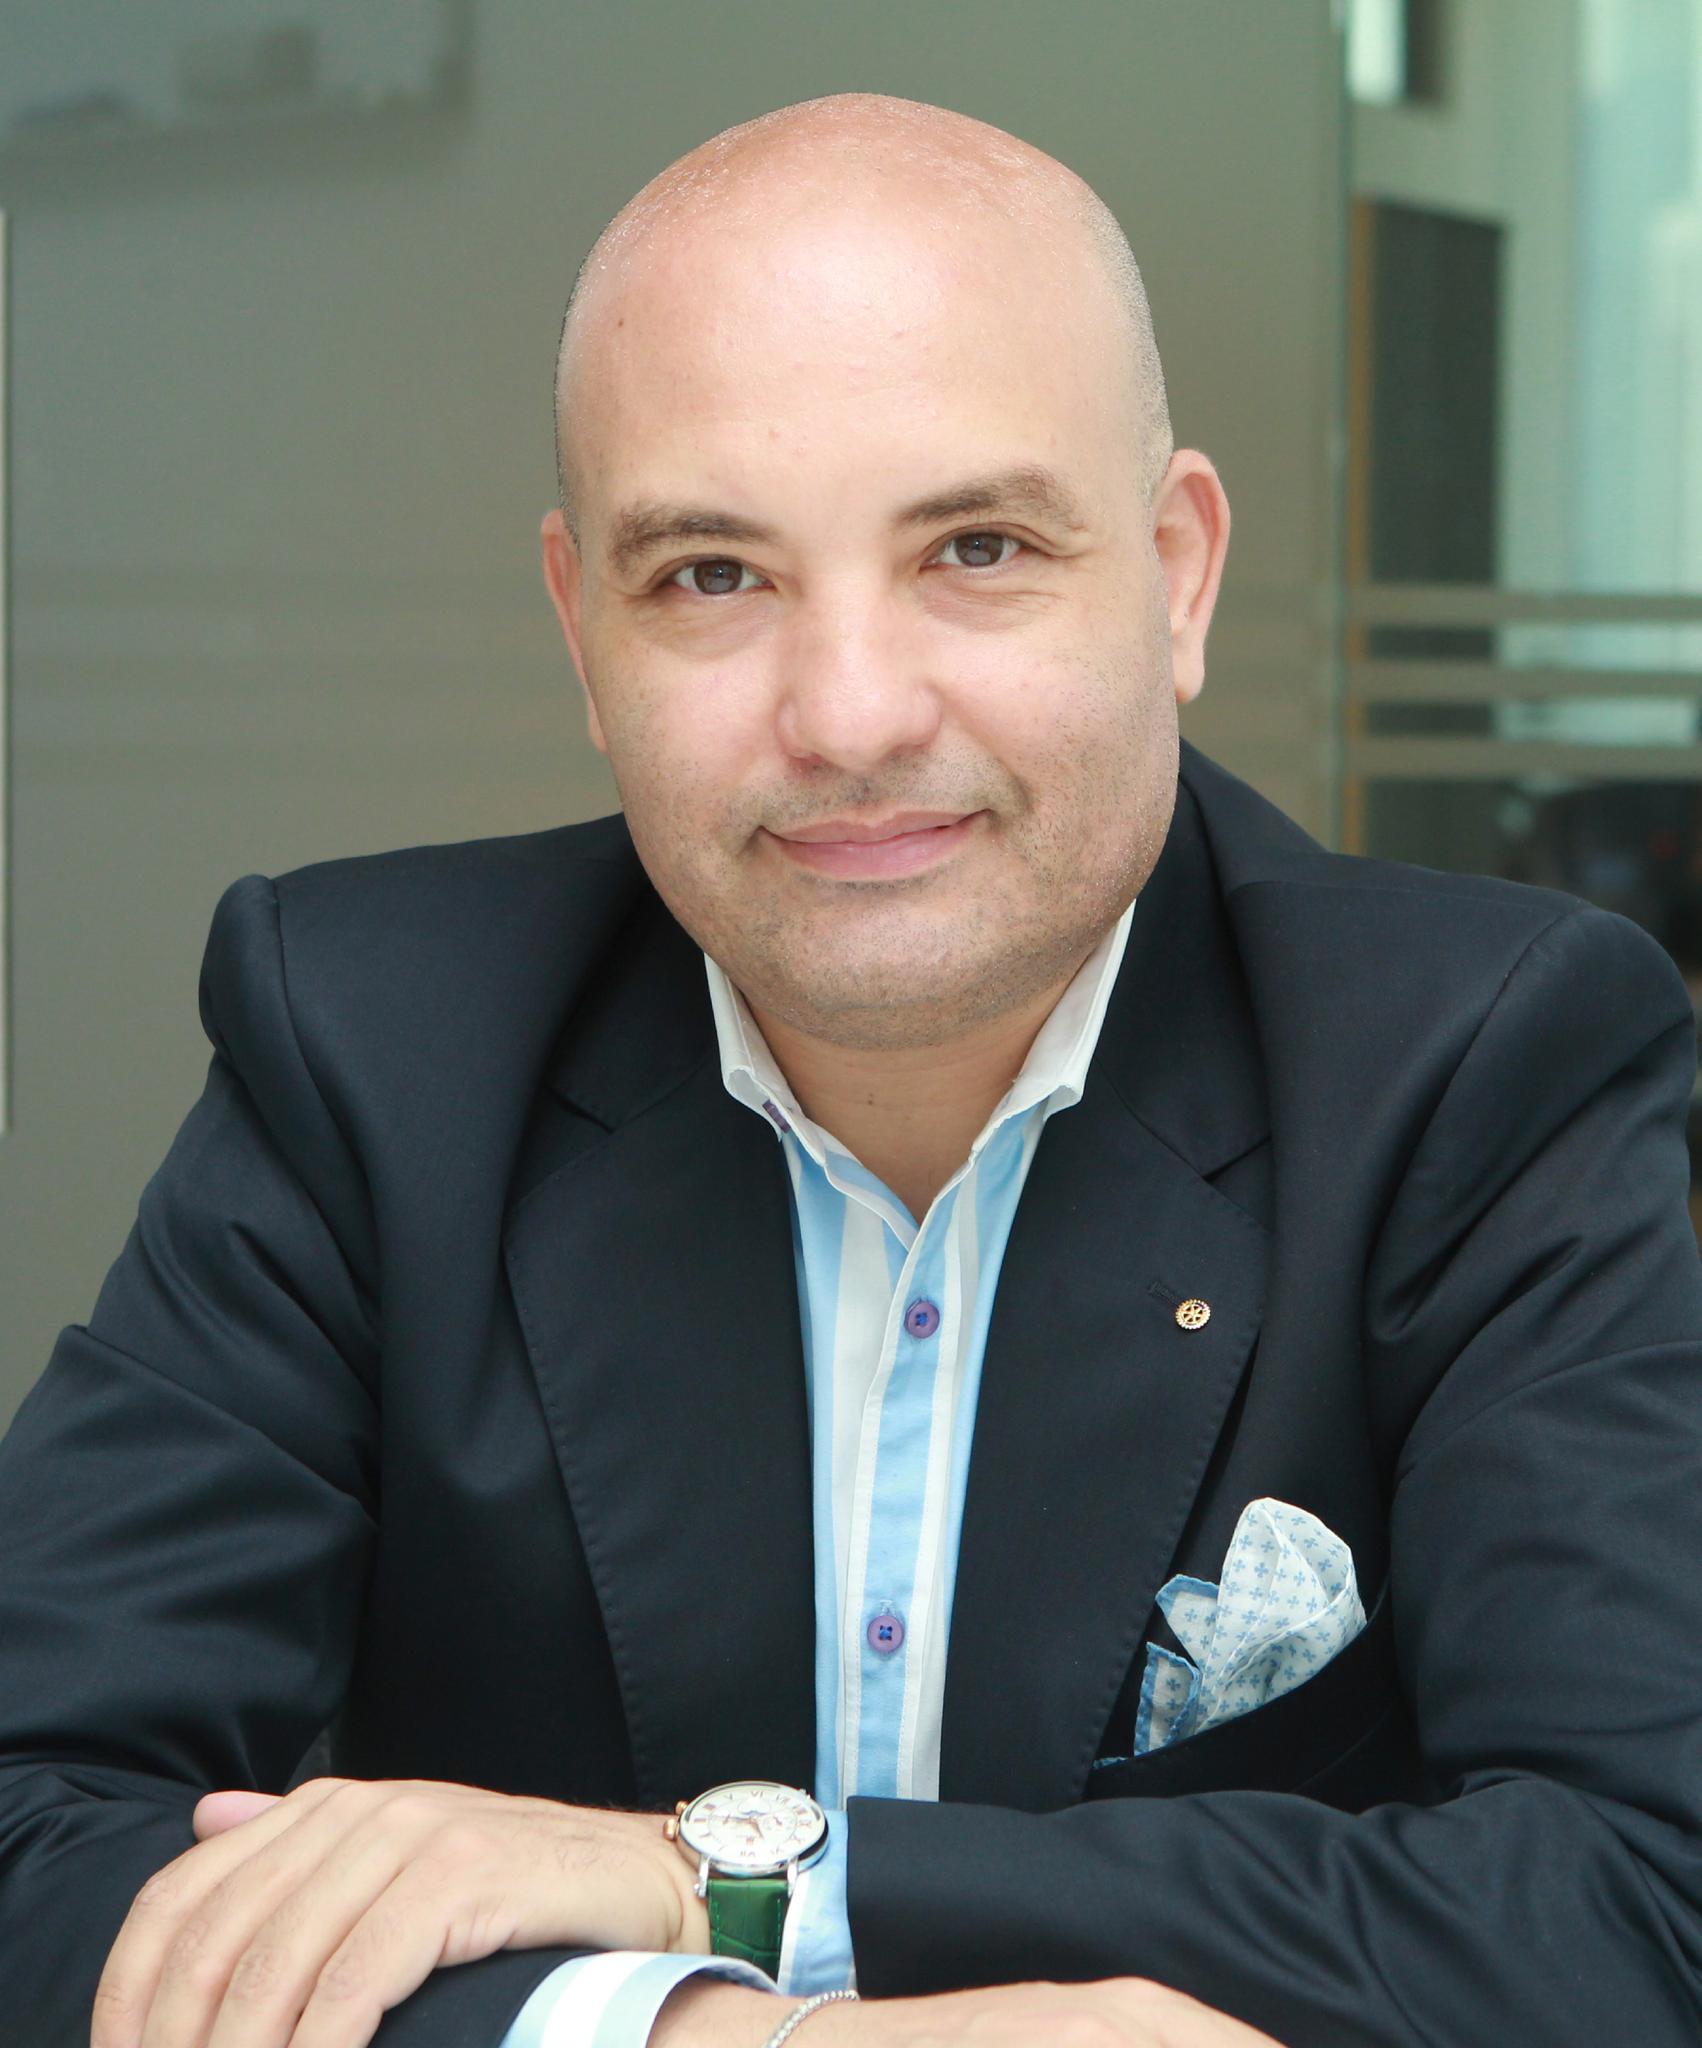 Mohamed Karam